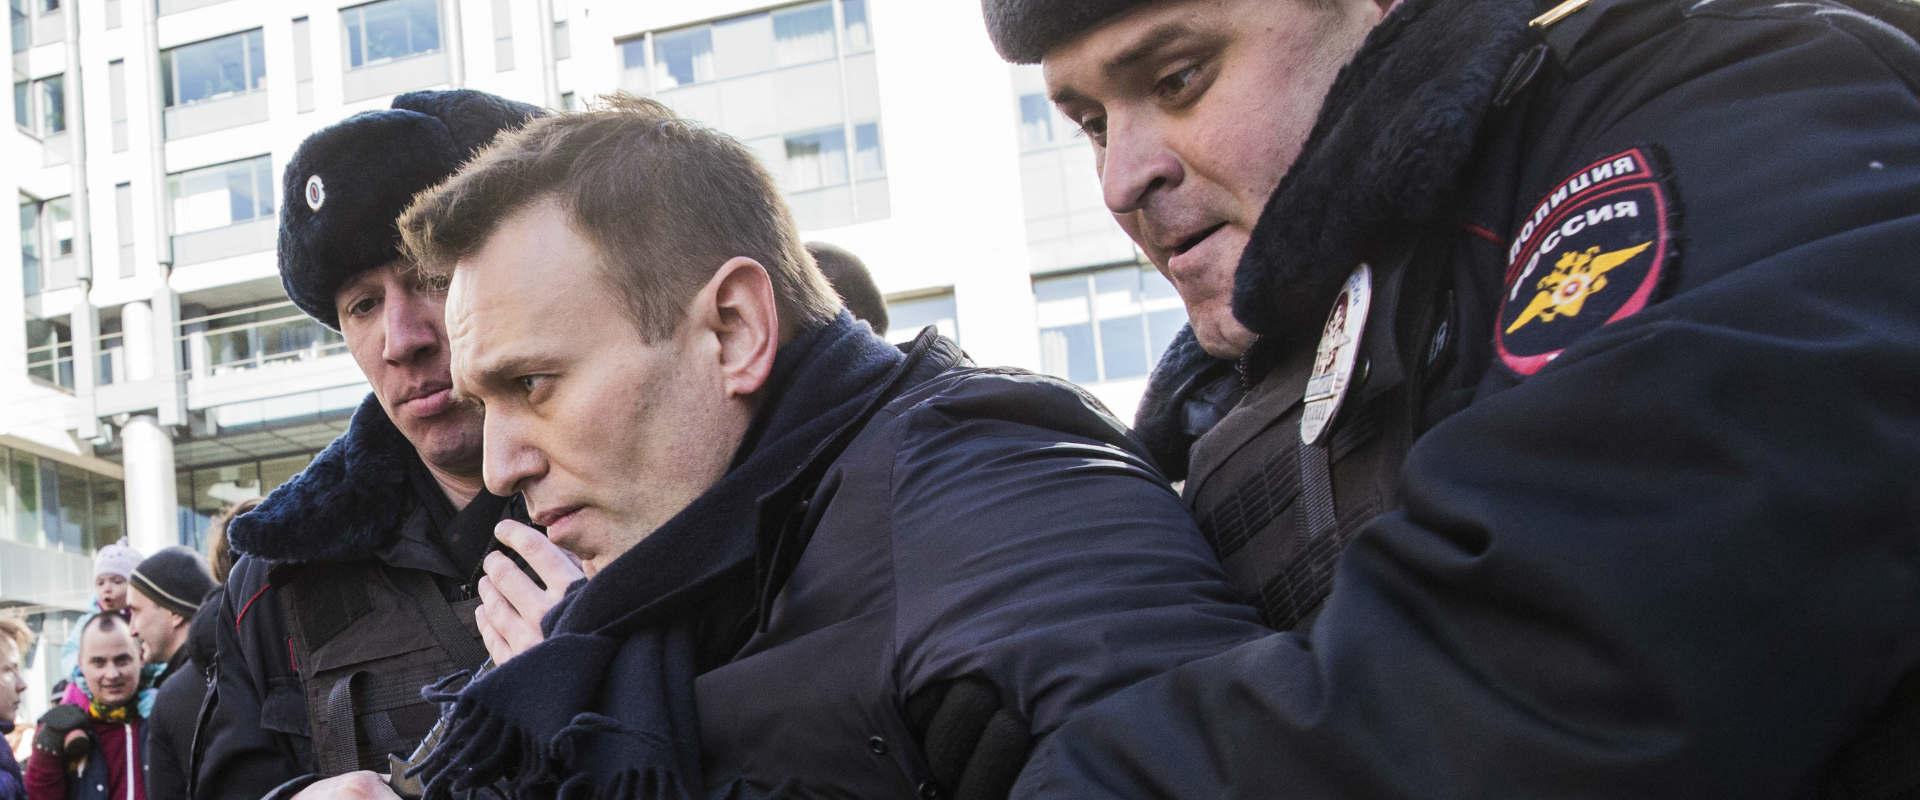 מעצרו של אלכסיי נבלני, השבוע